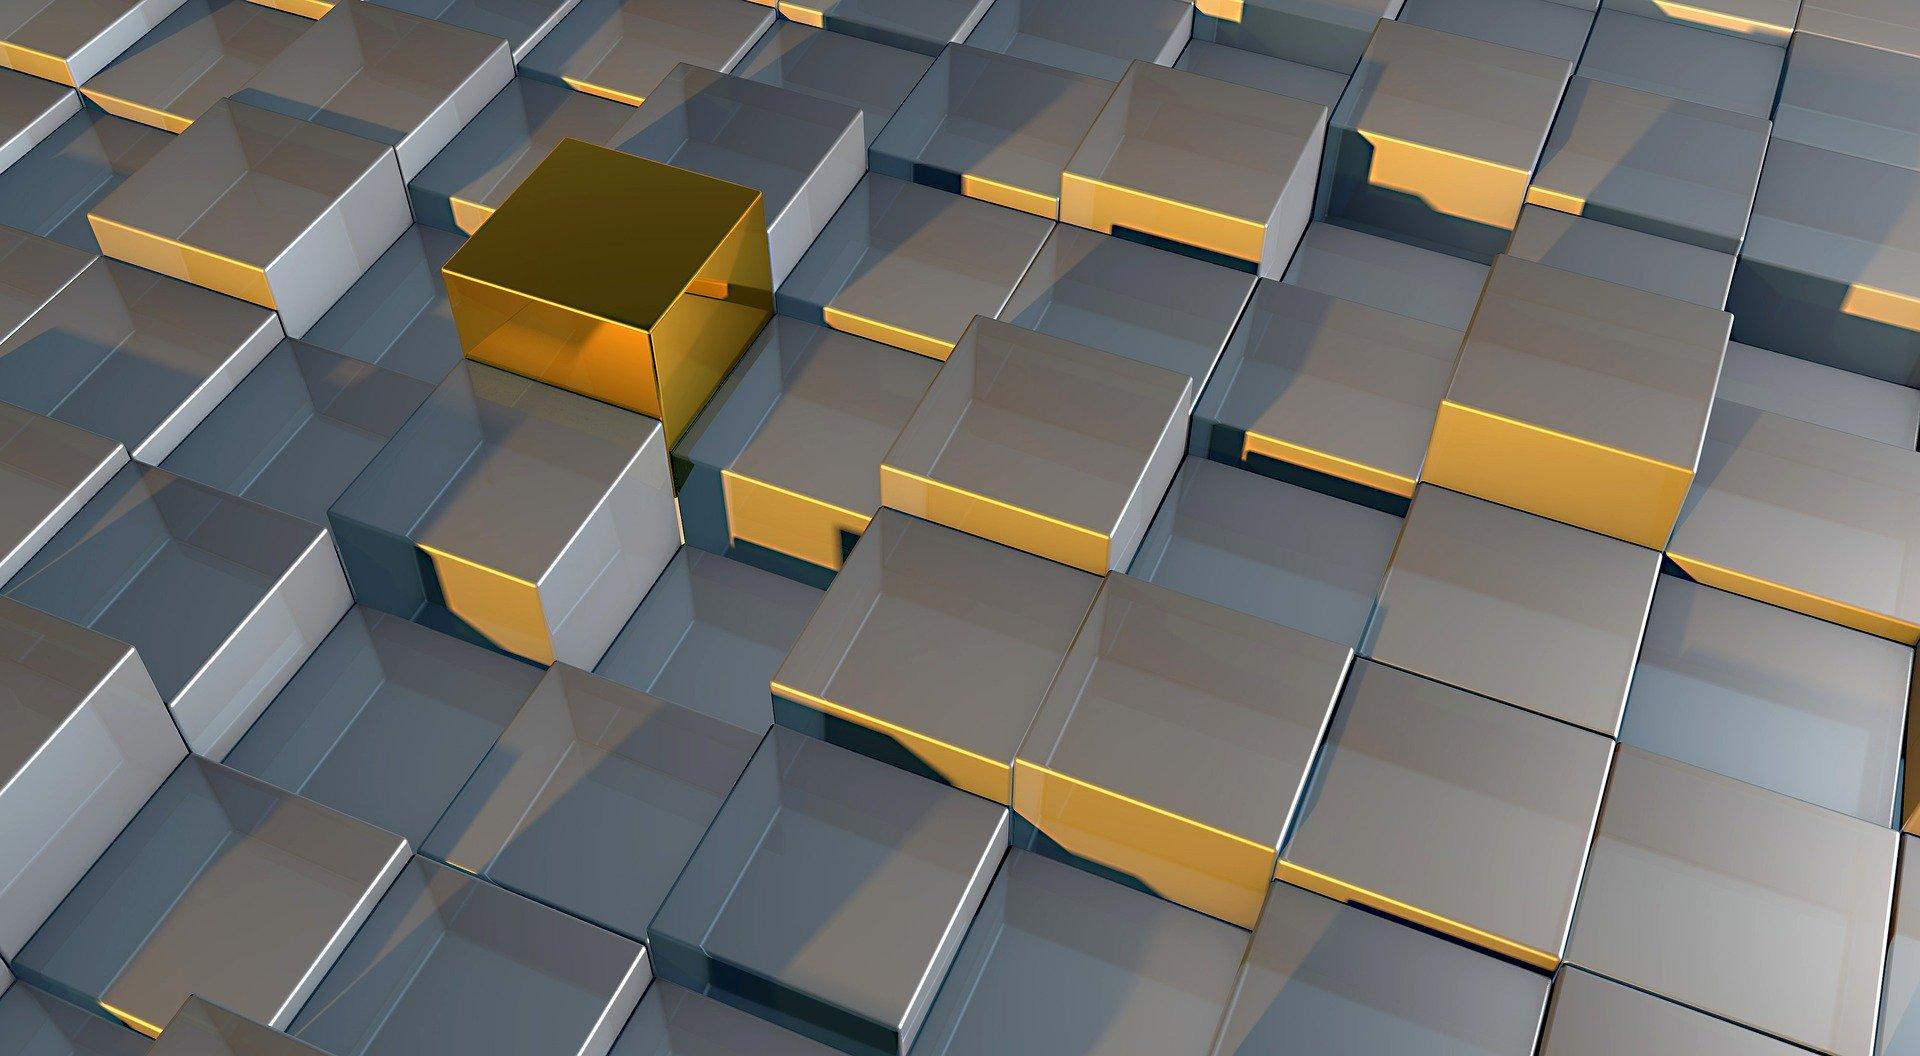 Cubes 3381438 1920